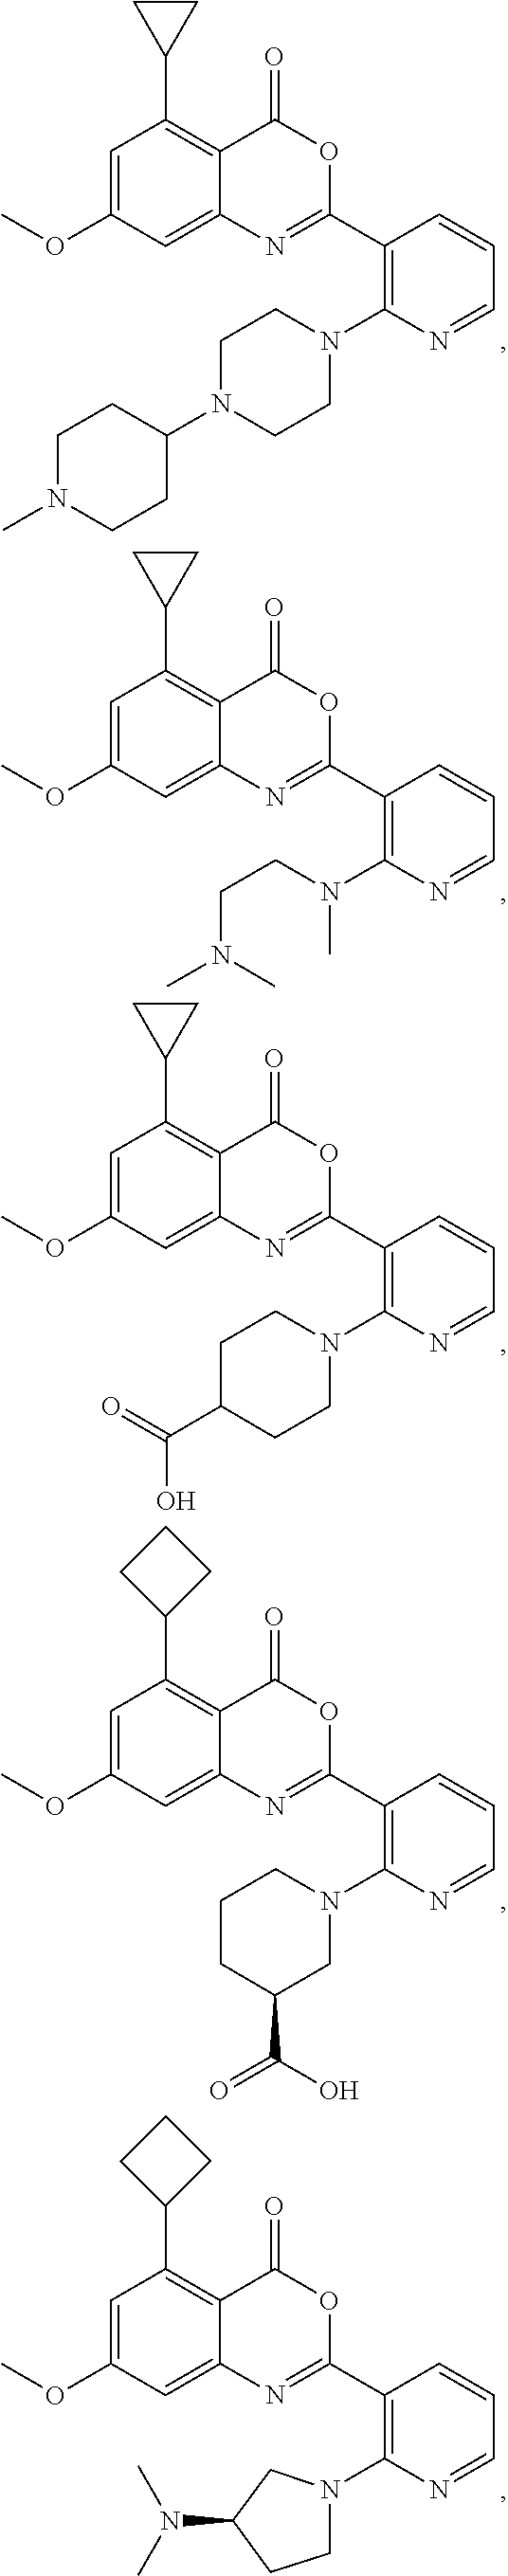 Figure US07879846-20110201-C00403